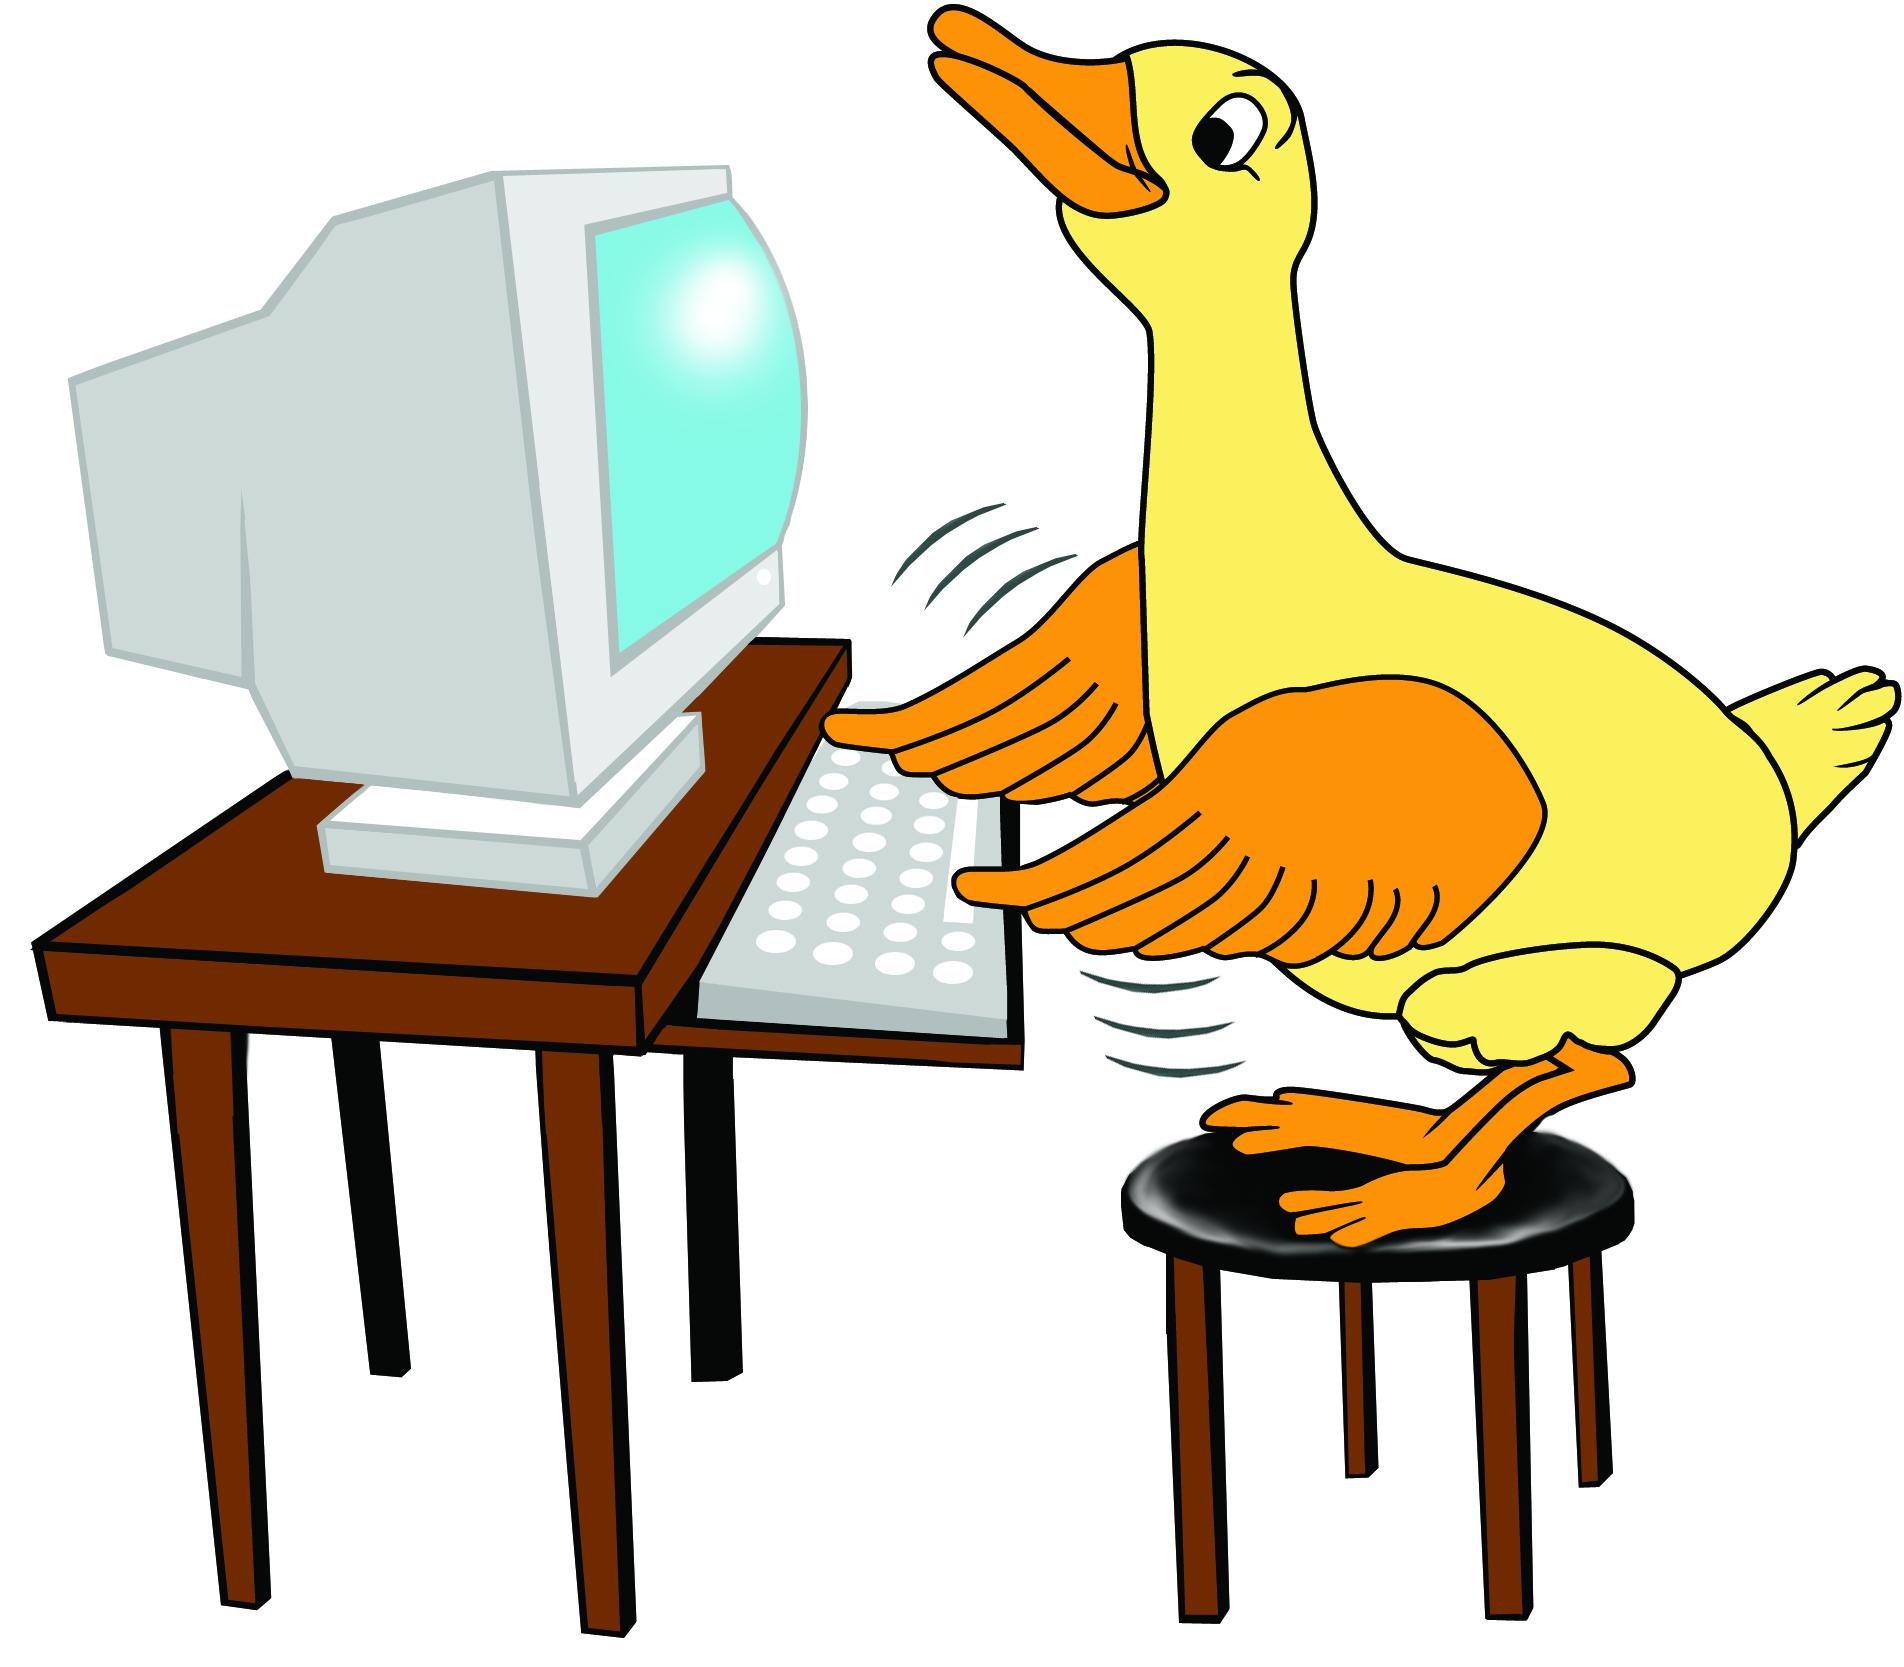 https://www.duckwranglers.com/wordpress/wp-content/uploads/2010/09/duck_pc.jpg